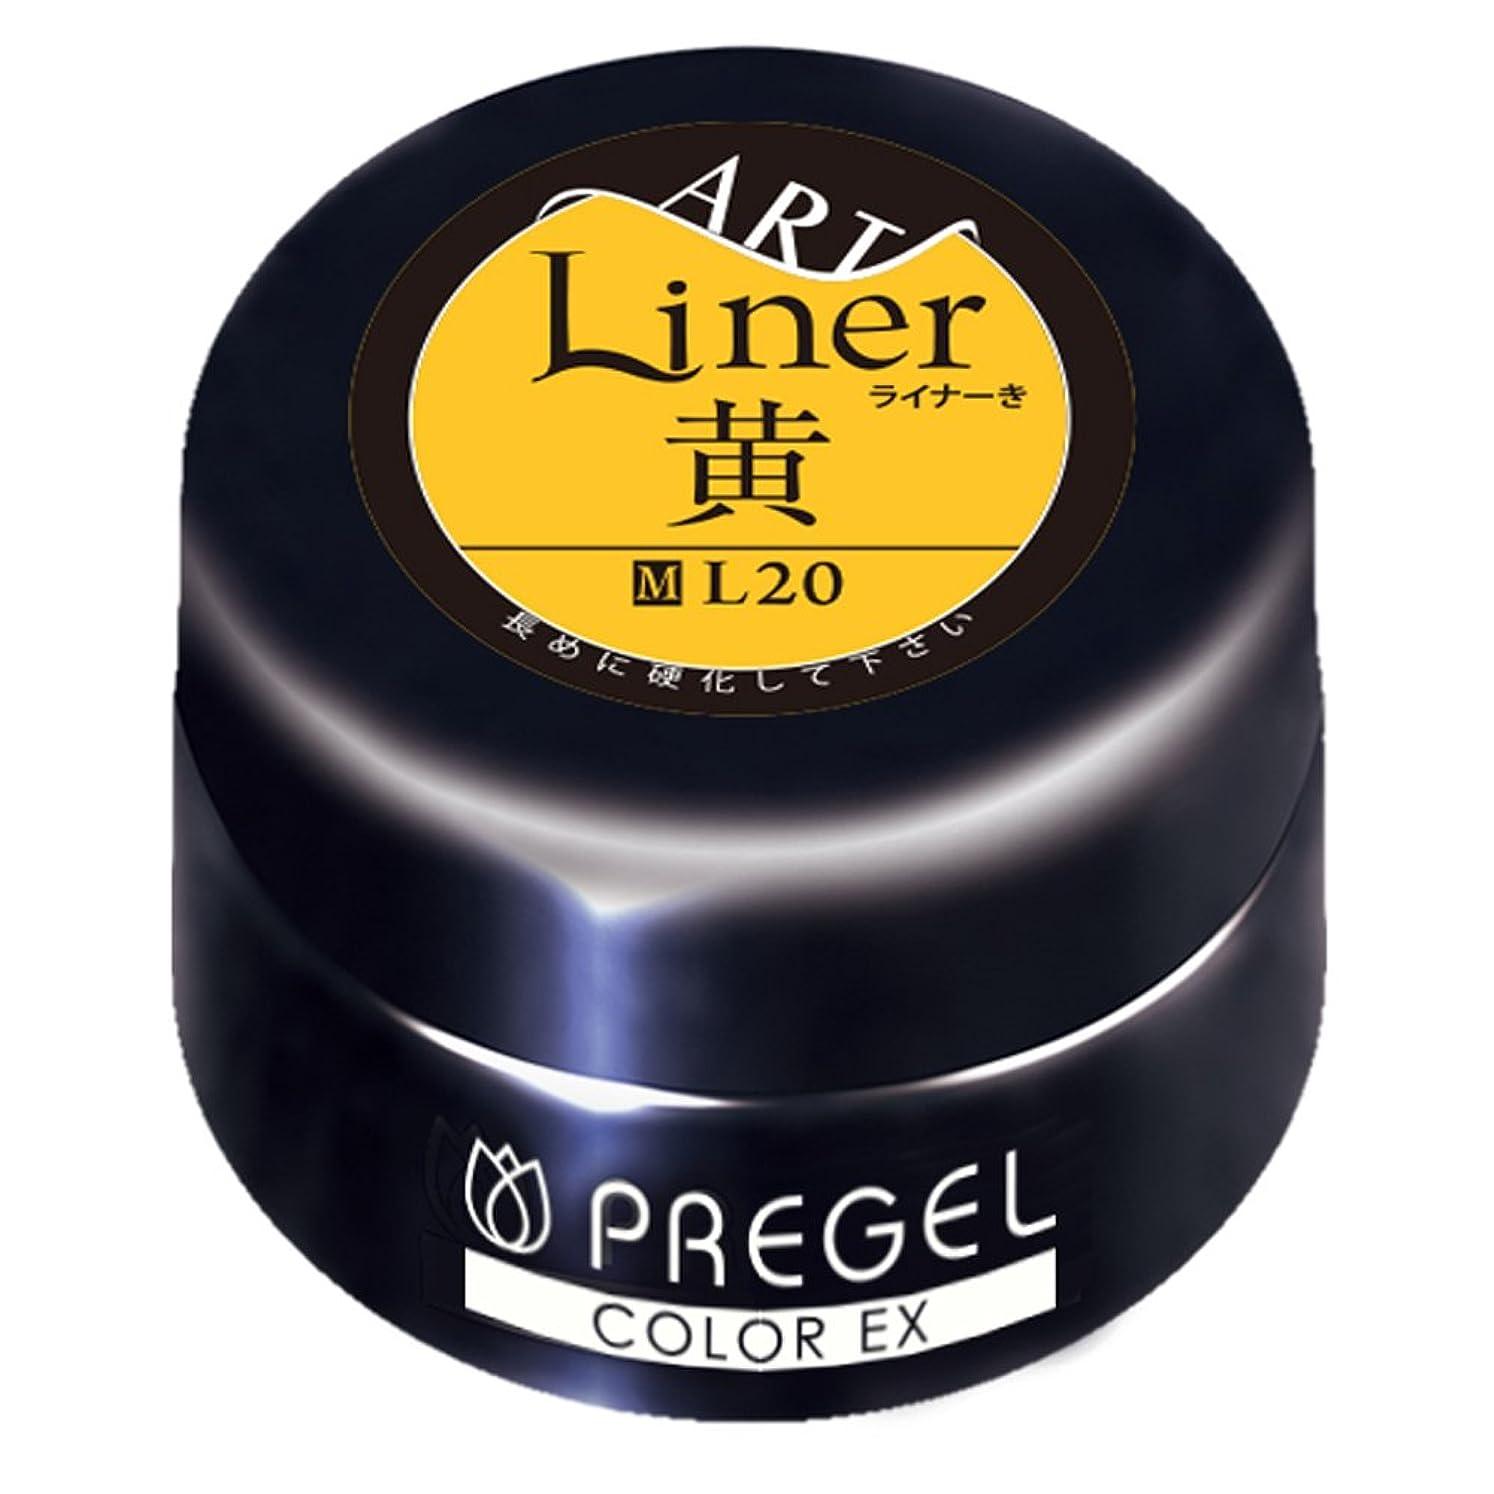 相対性理論見る人背の高いPRE GEL カラーEX ライナー黄 3g PG-CEL20 UV/LED対応